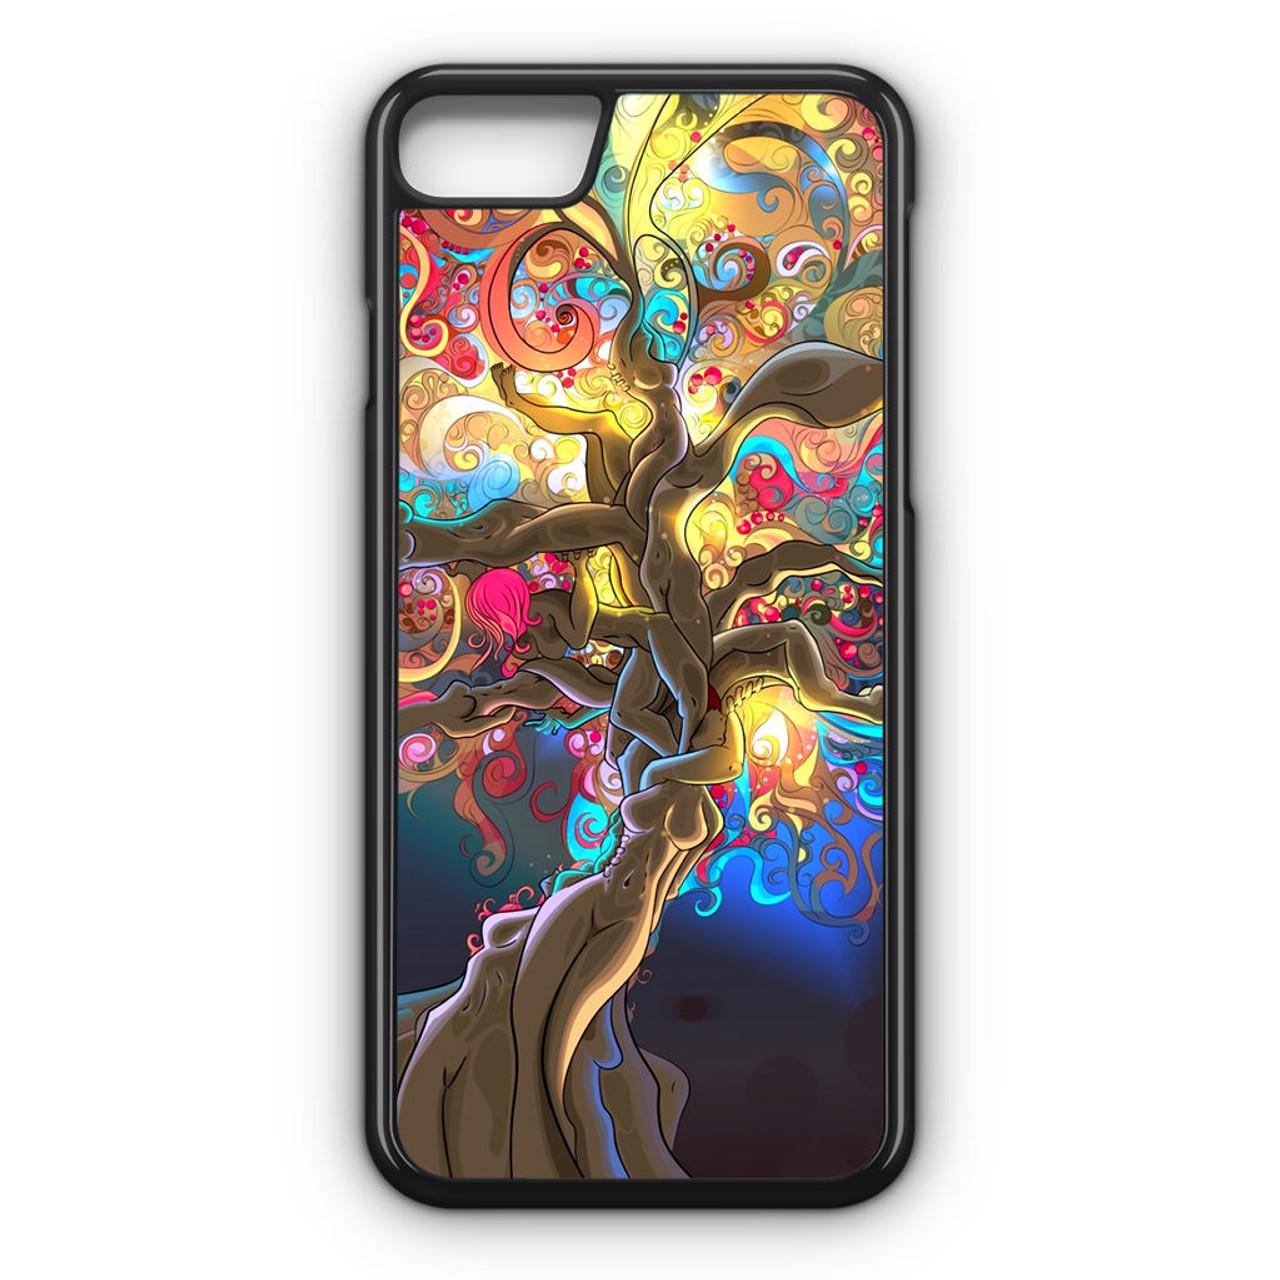 iphone 8 case artistic